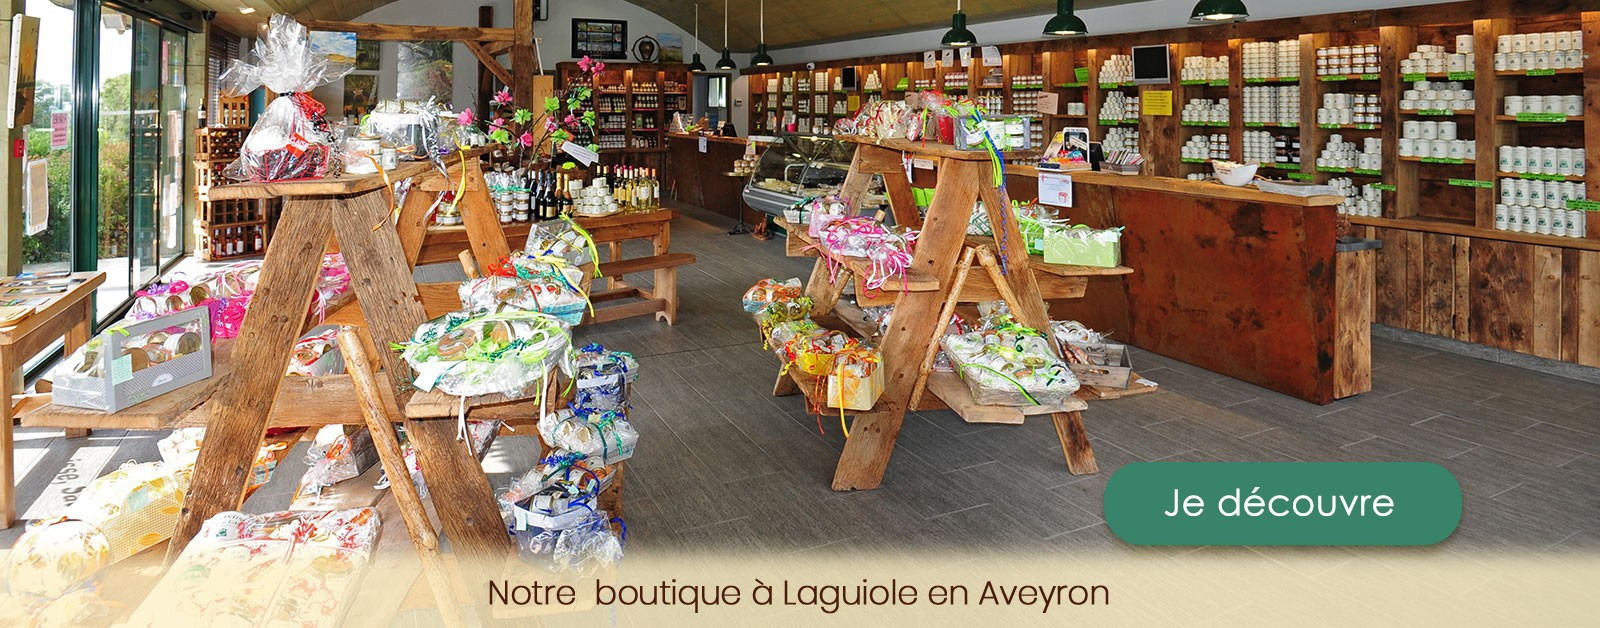 Découvrez nos spécialités régionales de terroir  si savoureuses sur le plateau de l'Aubrac en Aveyron